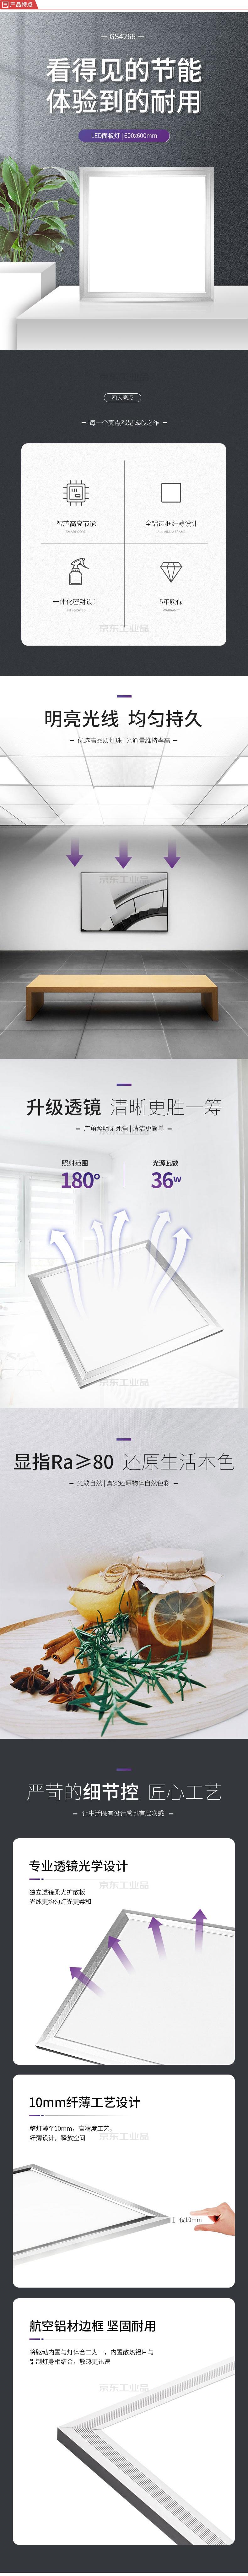 深照紫光 LED面板灯,36W,6000K,600x600mm,嵌入式安装;GS4266